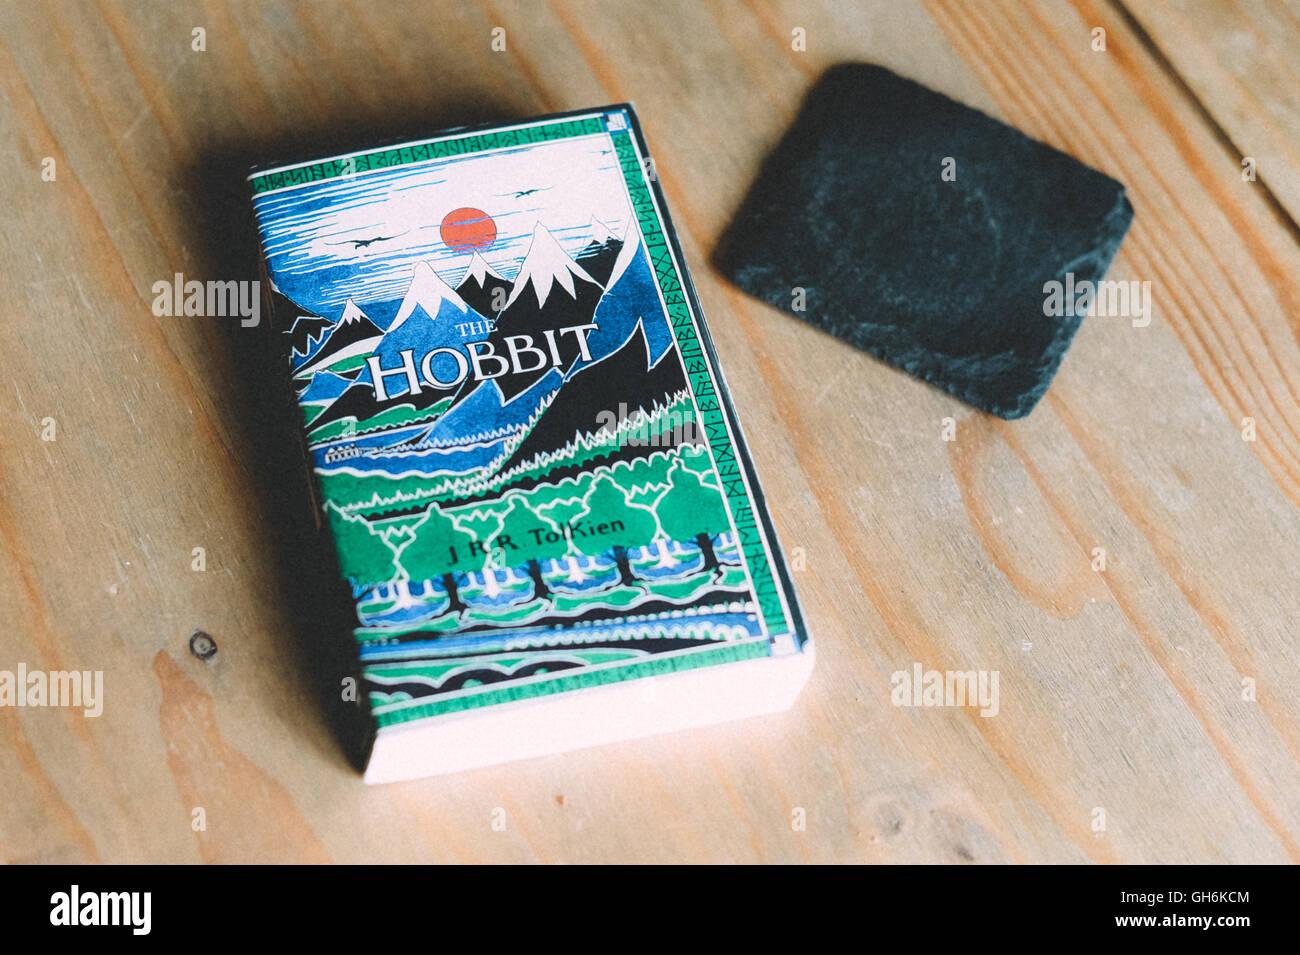 The Hobbit di JRR Tolkien per la copertina del libro su un tavolo da caffè. Immagini Stock